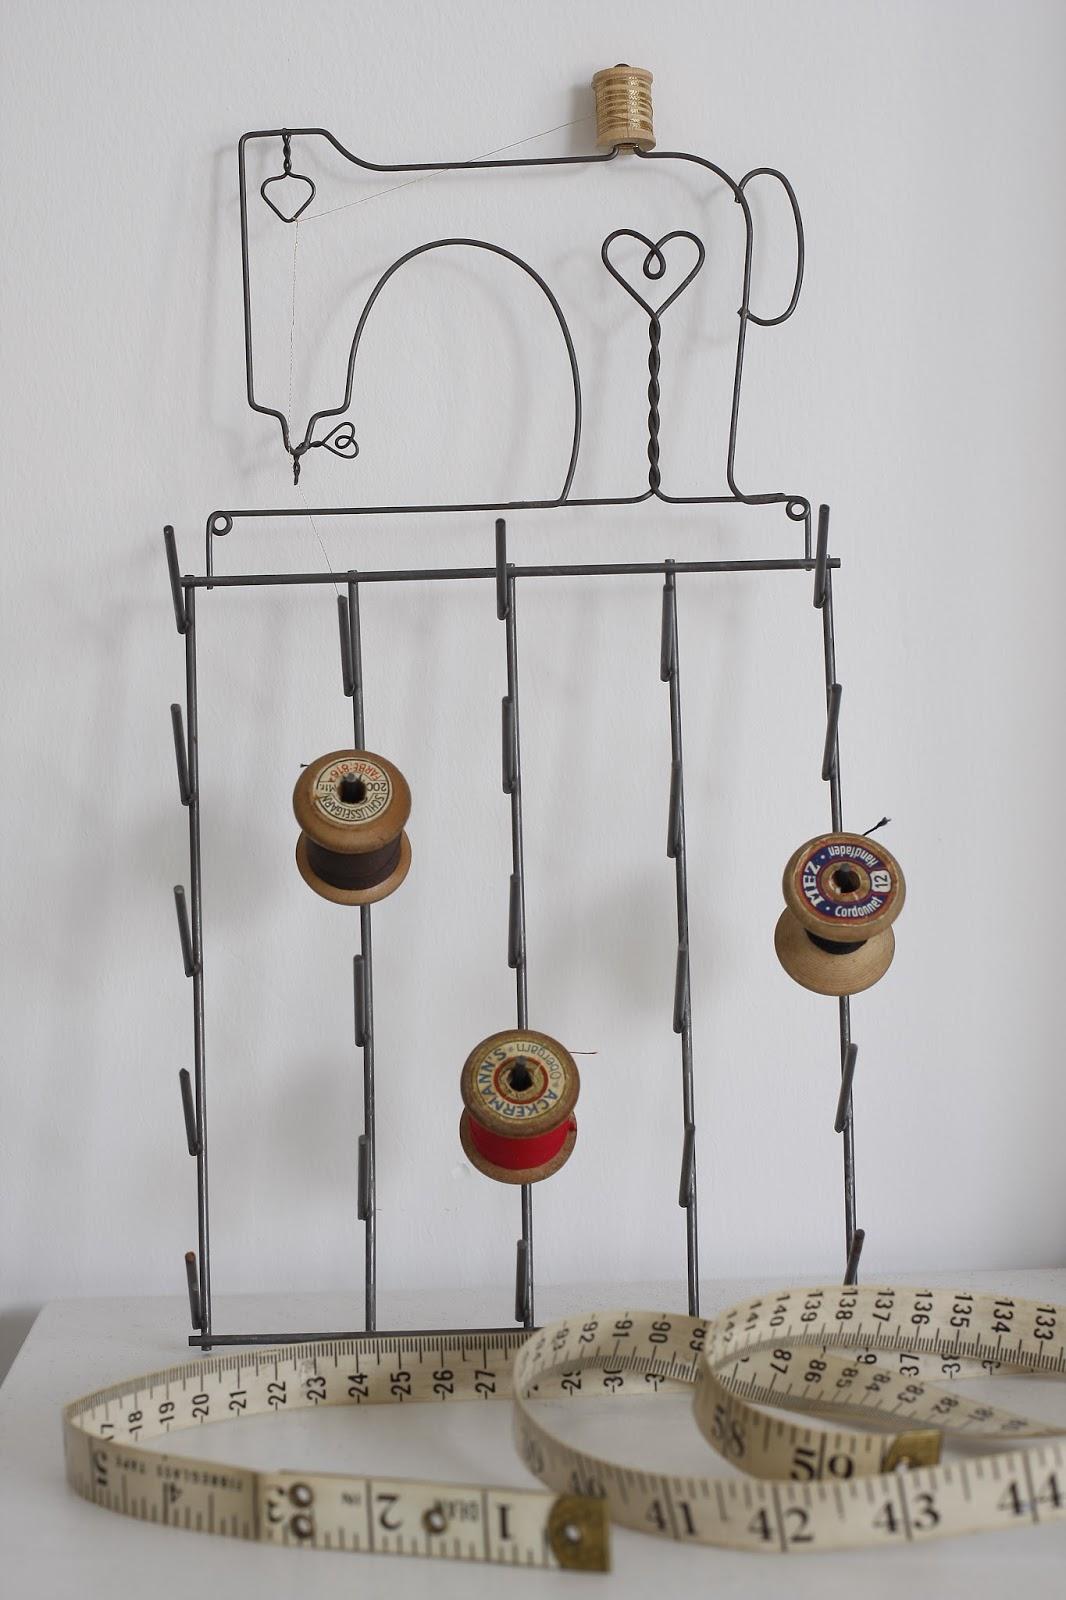 raumkr nung erster blog flohmarkt 2014. Black Bedroom Furniture Sets. Home Design Ideas